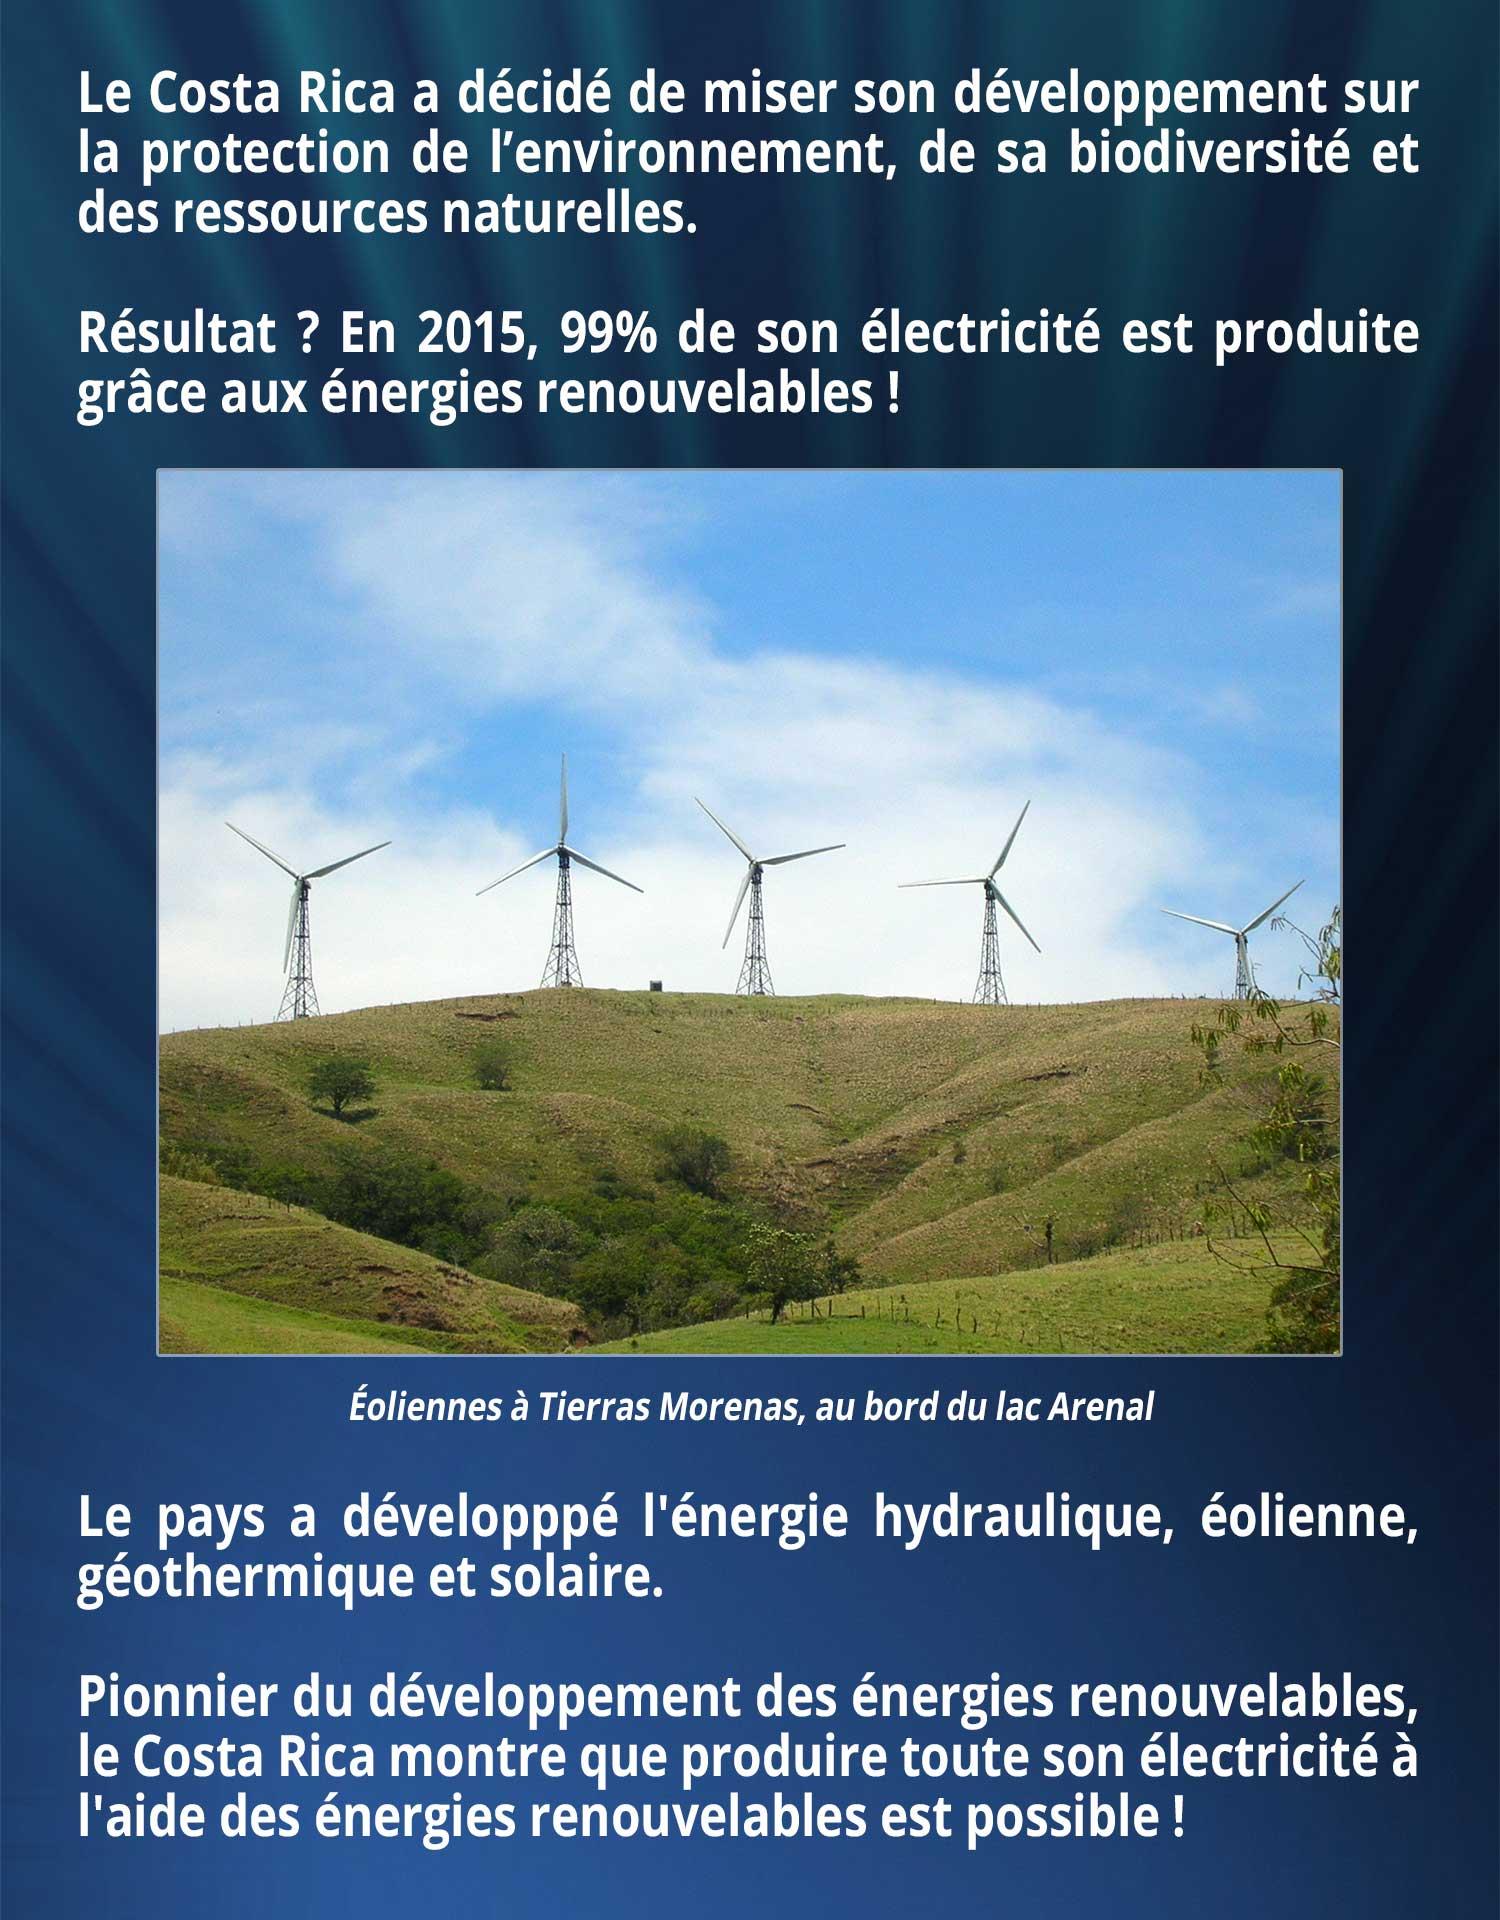 Le Costa Rica a décidé de miser son développement sur la protection de l'environnement, de sa biodiversité et des ressources naturelles. Résultat ? En 2015, 99% de son électricité est produite grâce aux énergies renouvelables ! Le pays a développpé l'énergie hydraulique, éolienne, géothermique et solaire. Pionnier du développement des énergies renouvelables, le Costa Rica montre que produire toute son électricité à l'aide des énergies renouvelables est possible !